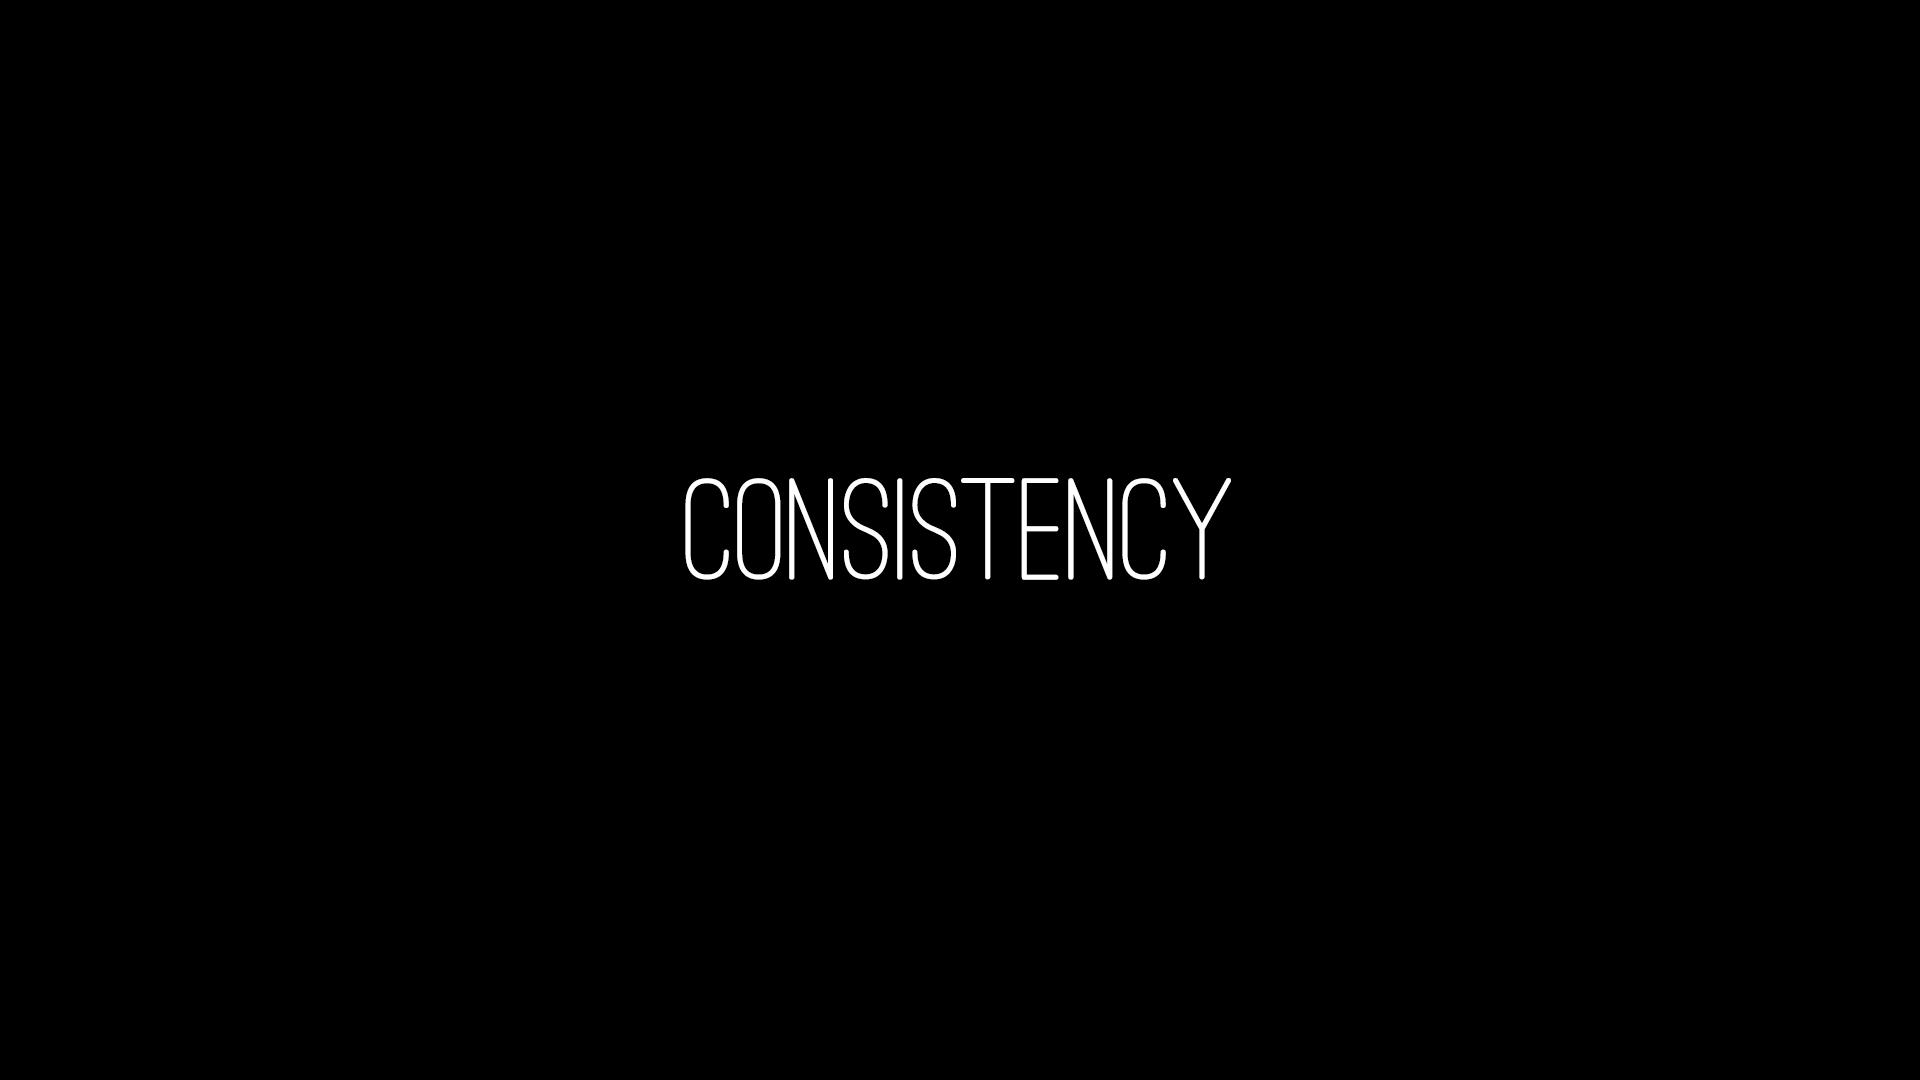 [Image] Consistency